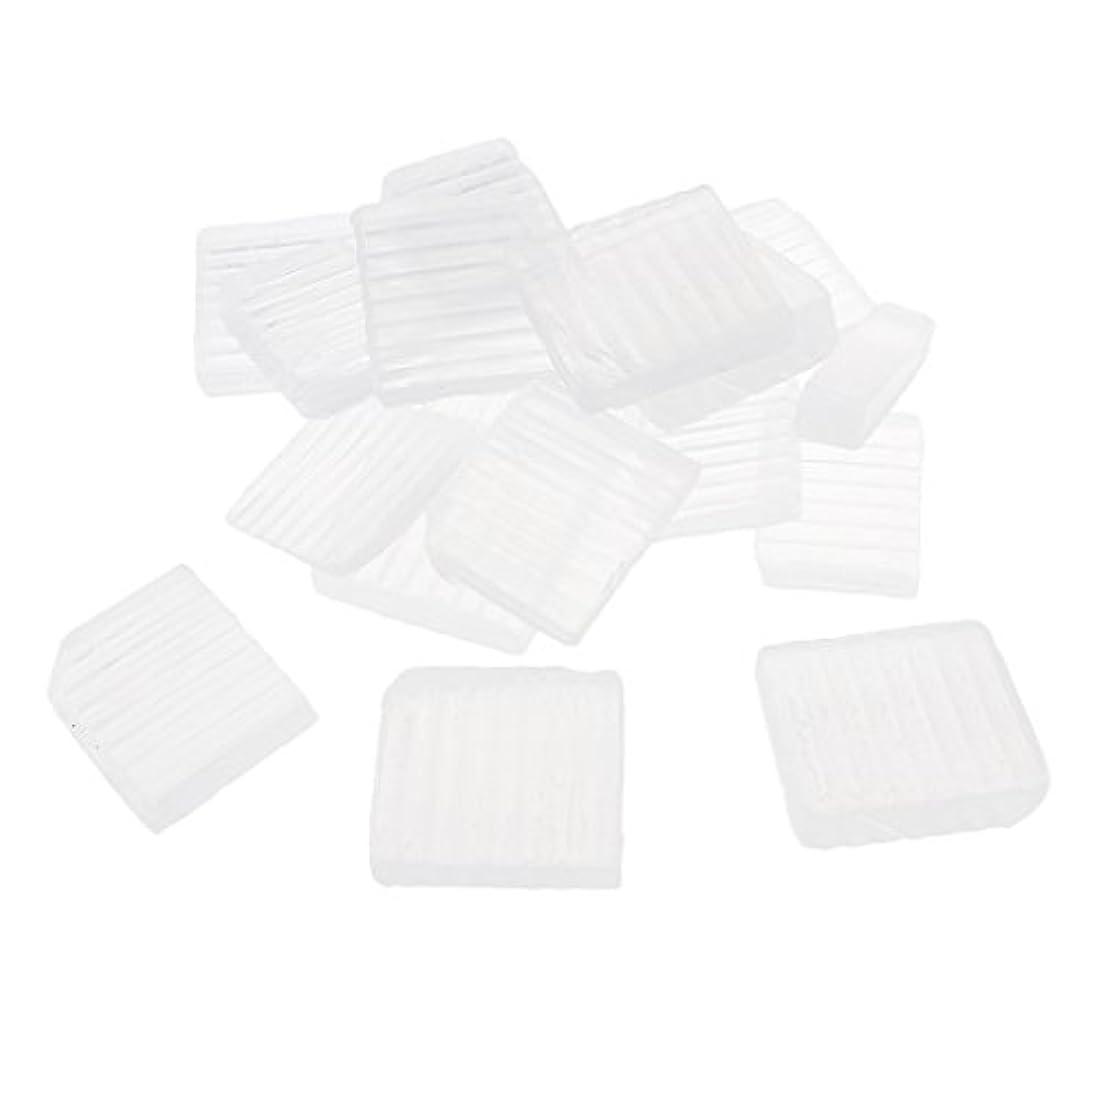 政治家の認識強化石鹸ベース DIY 石鹸作り プアソープベース 石鹸クラフト 手作り 約1 KG